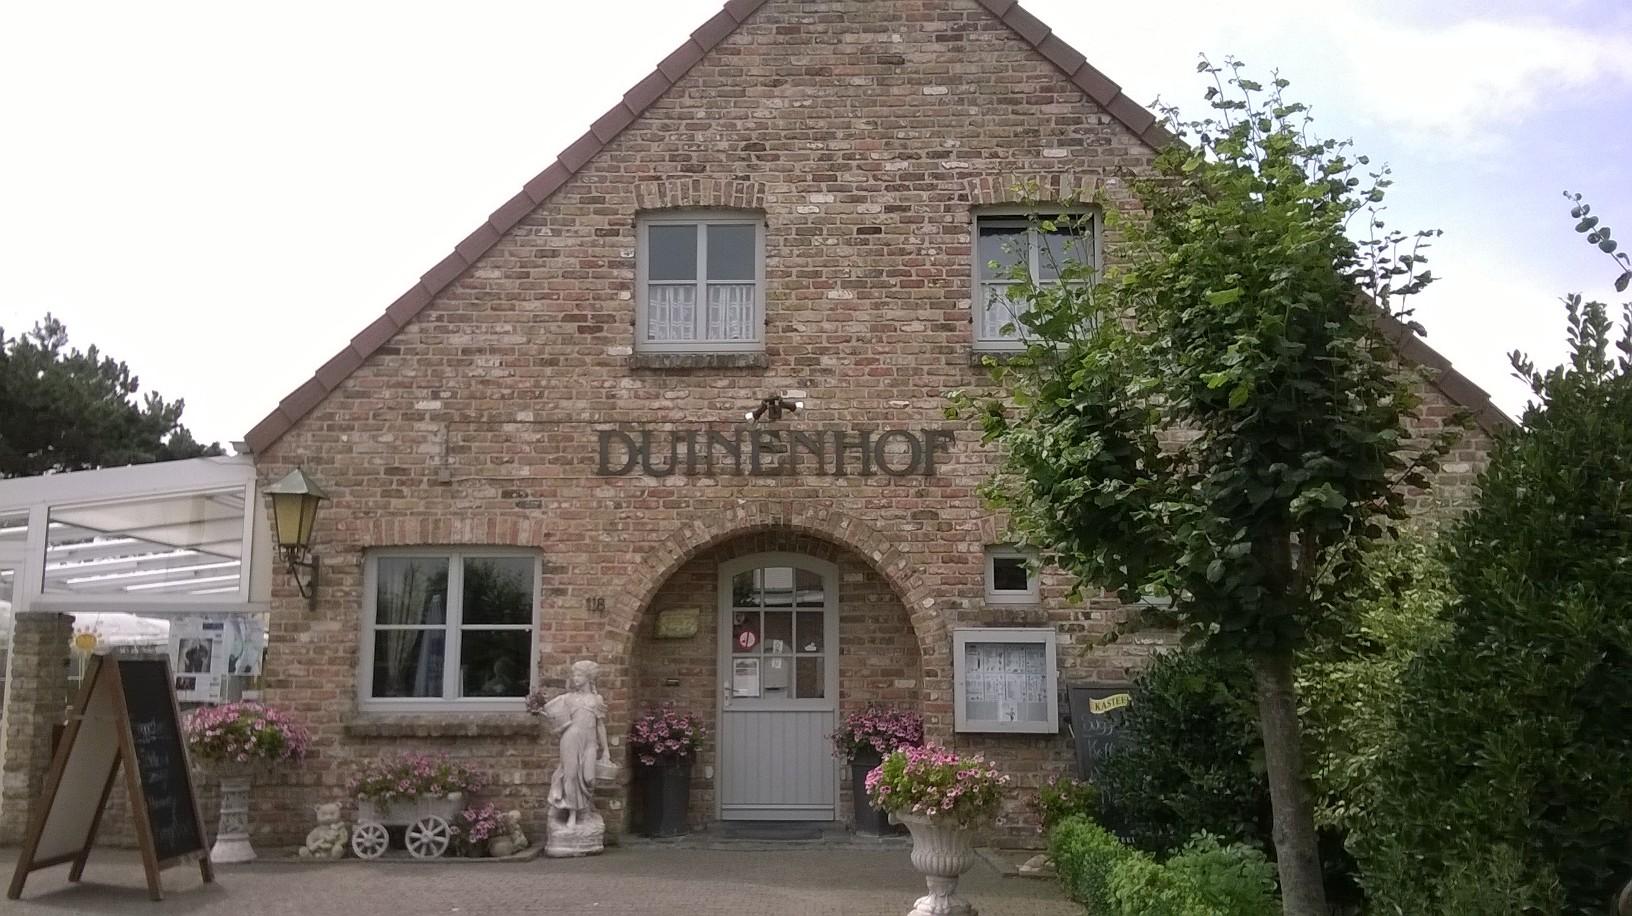 Oase Duinenhof